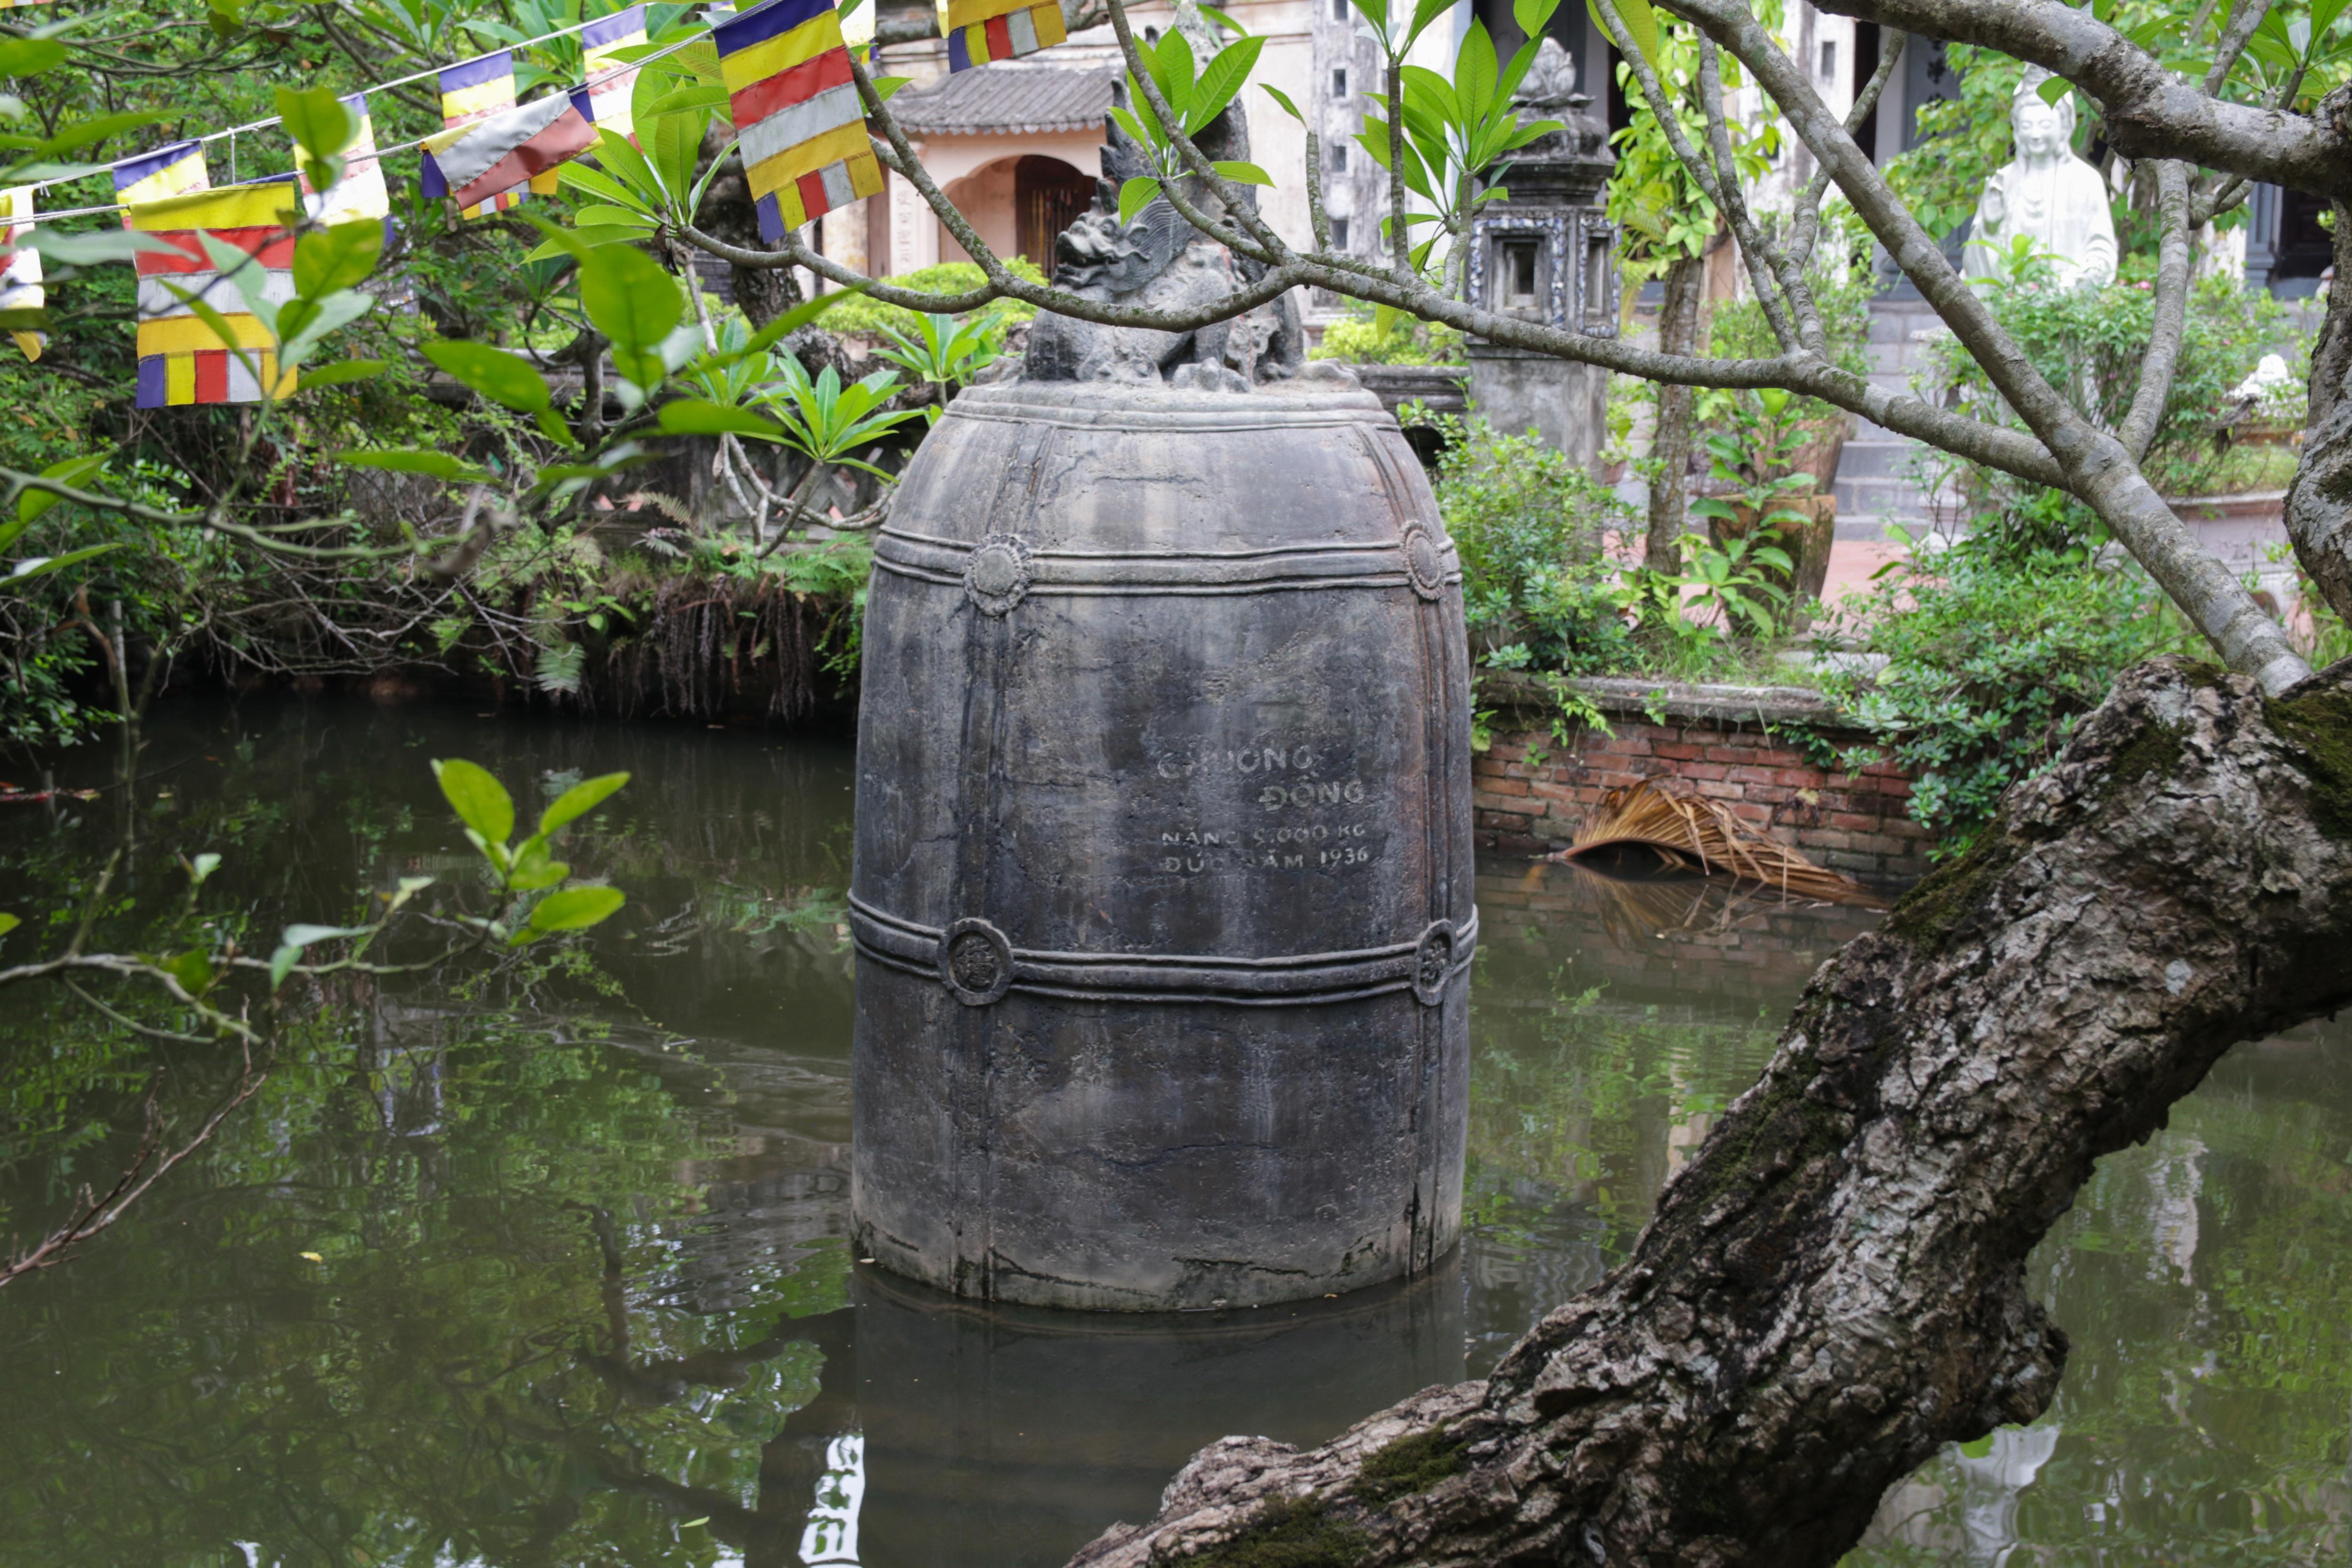 Khi quả chuông khổng lồ nặng 9.000kg vừa đúc xong thì kháng chiến bùng nổ, nhân dân trong vùng đề phòng sự phá hoại của giặc nên đã đem ngâm quả chuông xuống hồ.